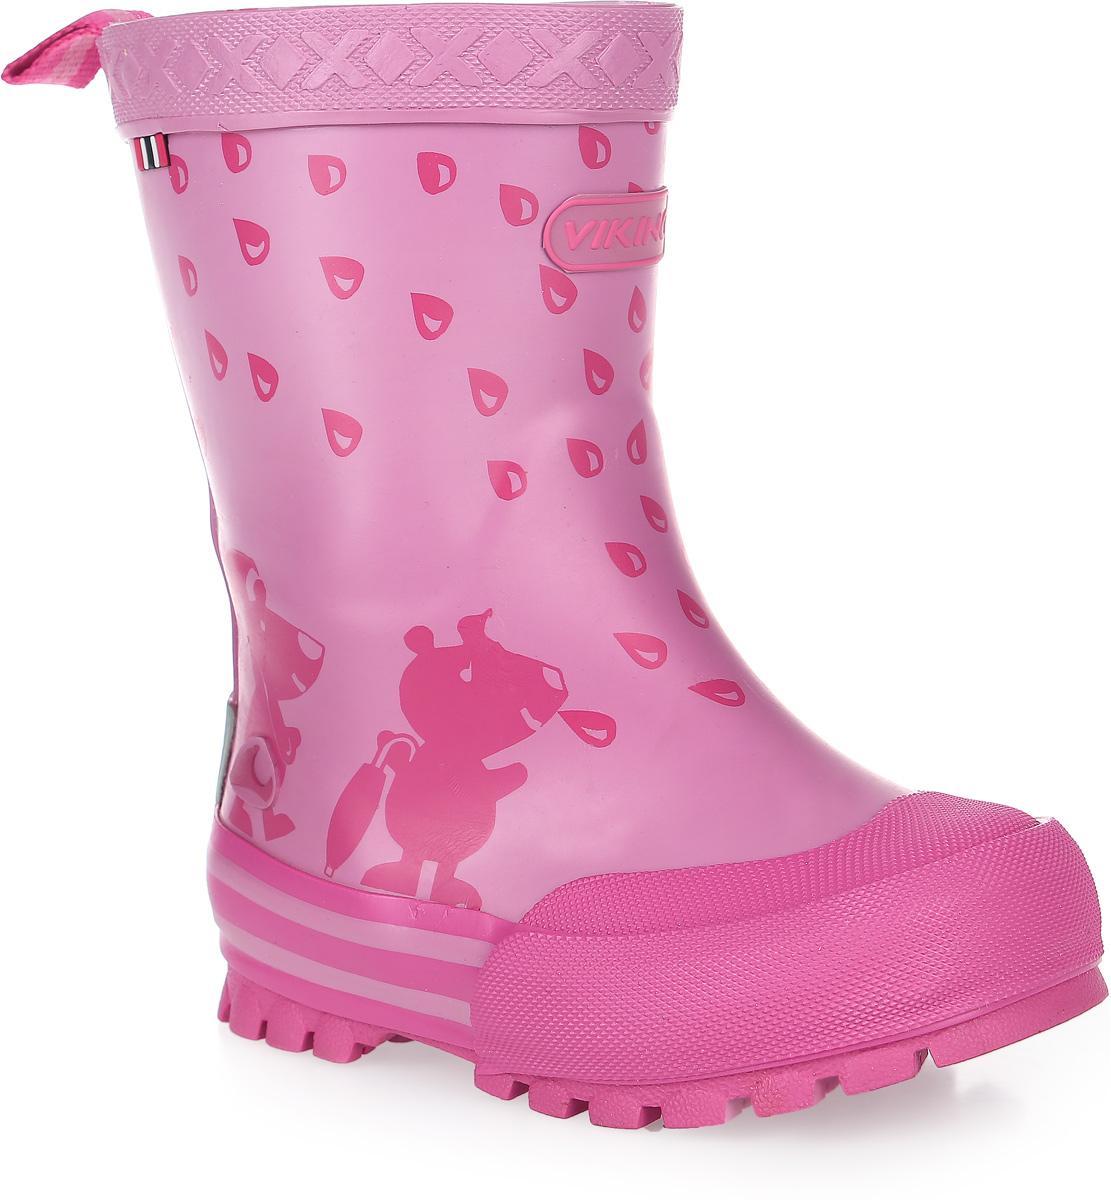 Сапоги резиновые для девочки Viking Plask, цвет: розовый. 1-17130-00009. Размер 271-17130-00009Модные резиновые сапоги от Viking - идеальная обувь в дождливую погоду для вашей девочки. Модель с противоударным носком оформлена забавным принтом и эмблемой с названием бренда. Внутренняя поверхность и стелька, выполненные из синтетического материала со скрученными волокнами, способствующими поддержанию тепла, комфортны при ходьбе. Ярлычок на заднике облегчает обувание модели. Подошва с протектором гарантирует отличное сцепление с любой поверхностью. Резиновые сапоги - необходимая вещь в гардеробе каждого ребенка.